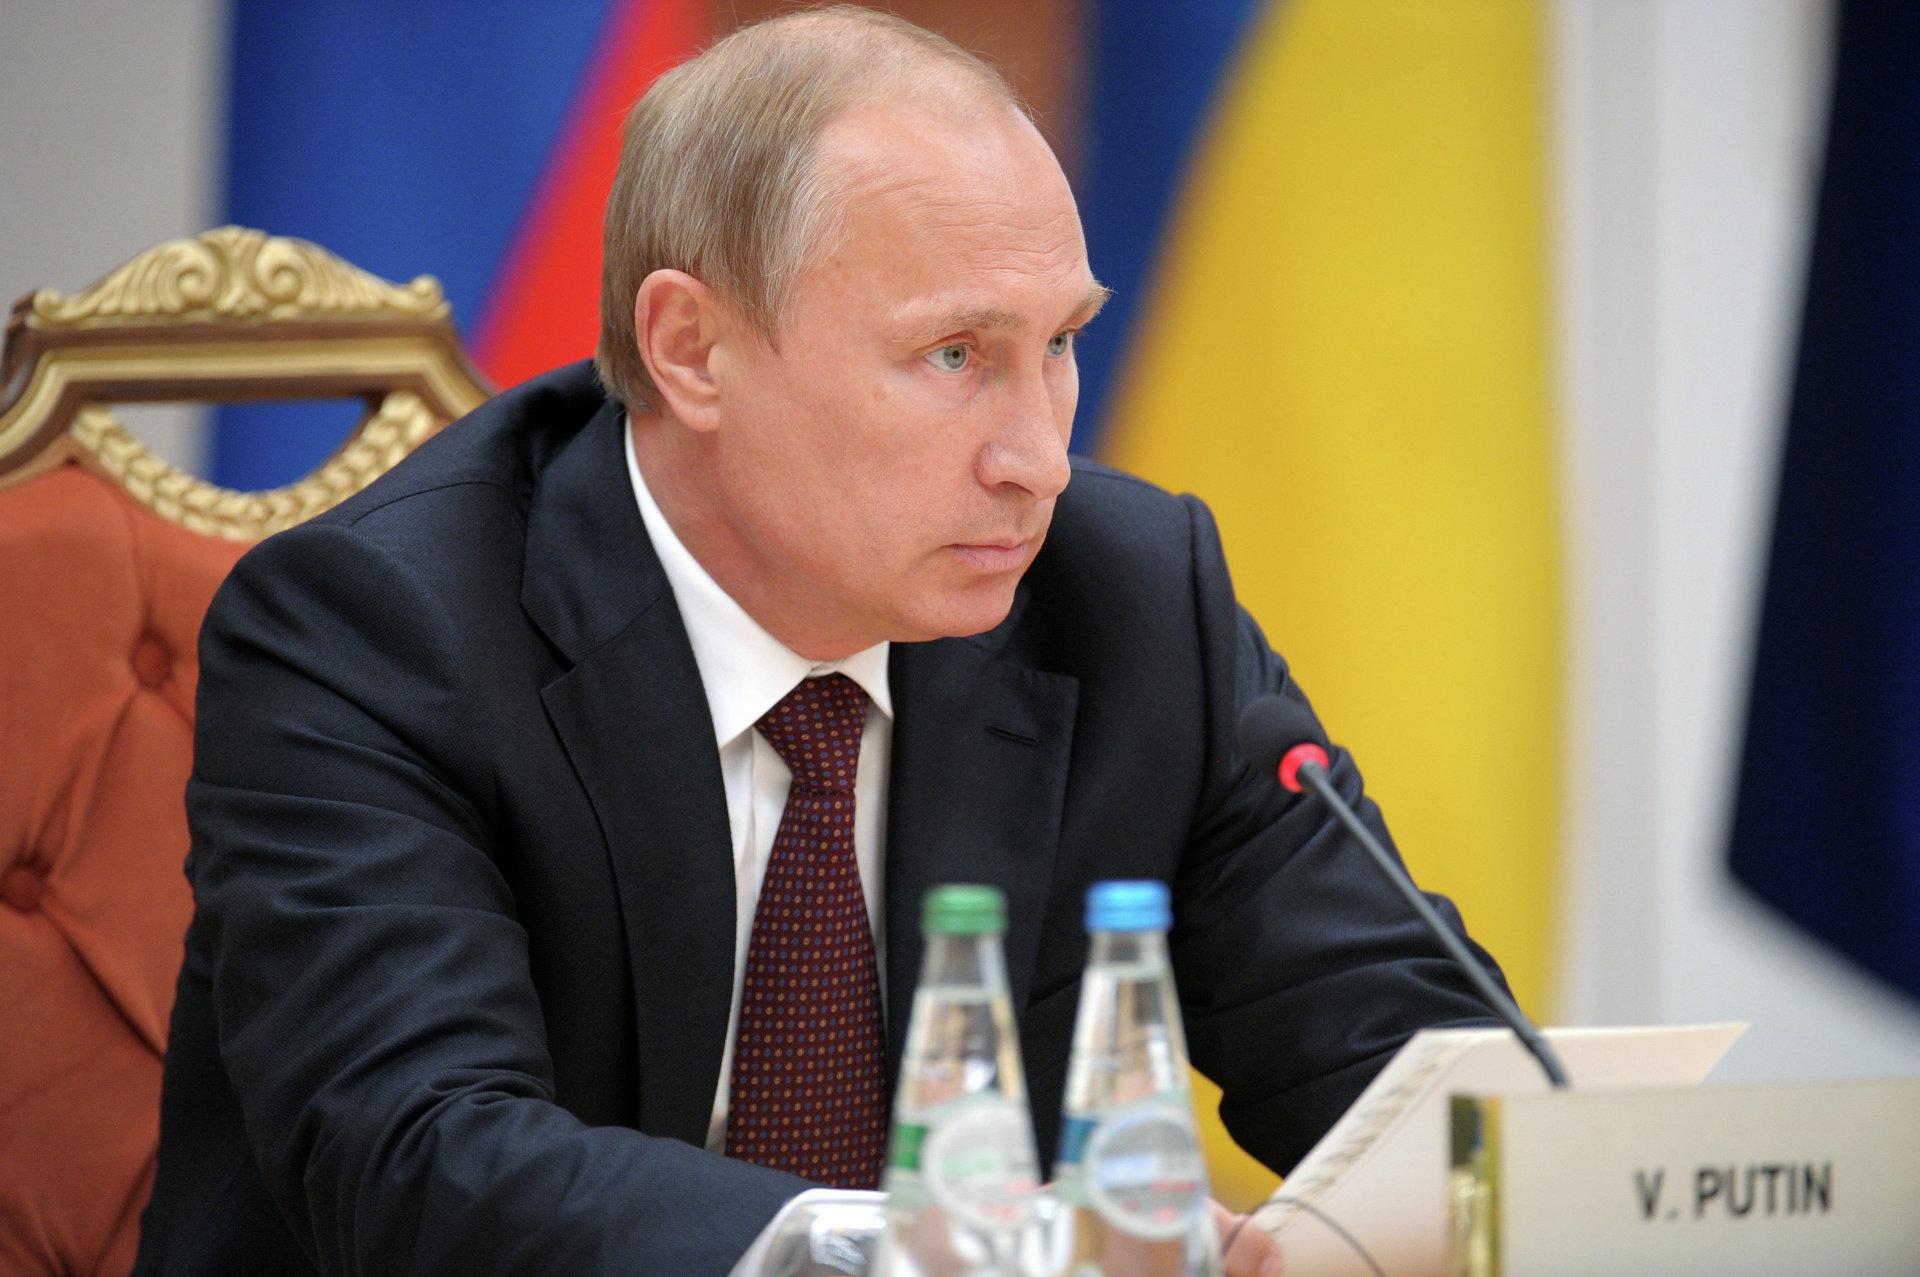 http://ukraina.ru/images/101165/94/1011659460.jpg